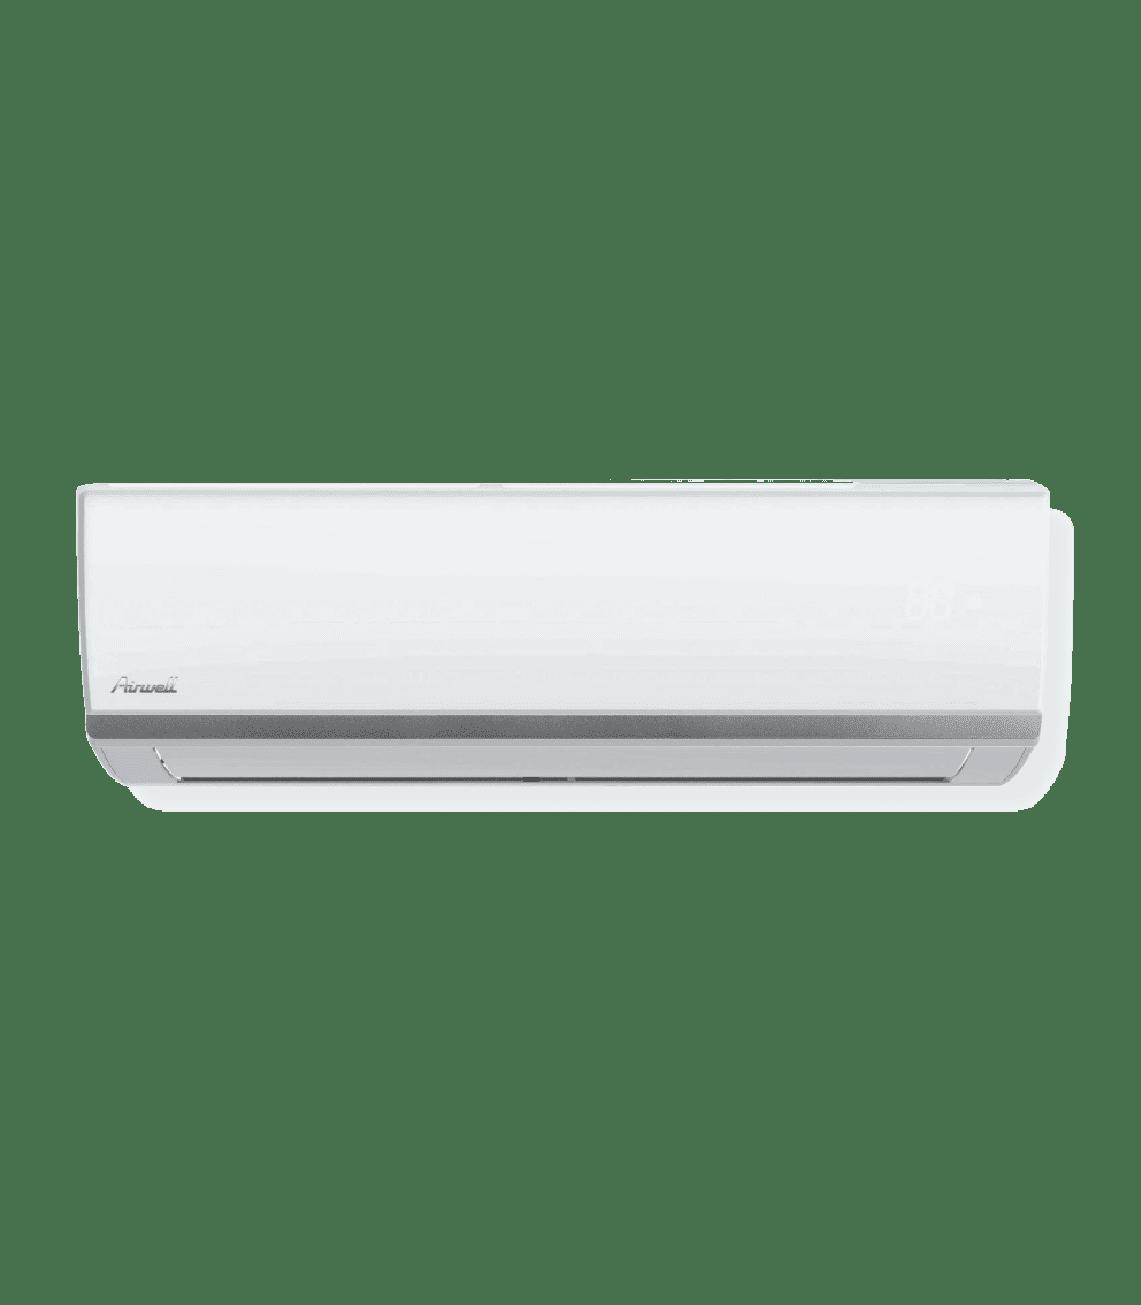 Airwell Unité Intérieure Murale de Climatisation Pac Air 2.10-2.60 KW Split HDL007-N91